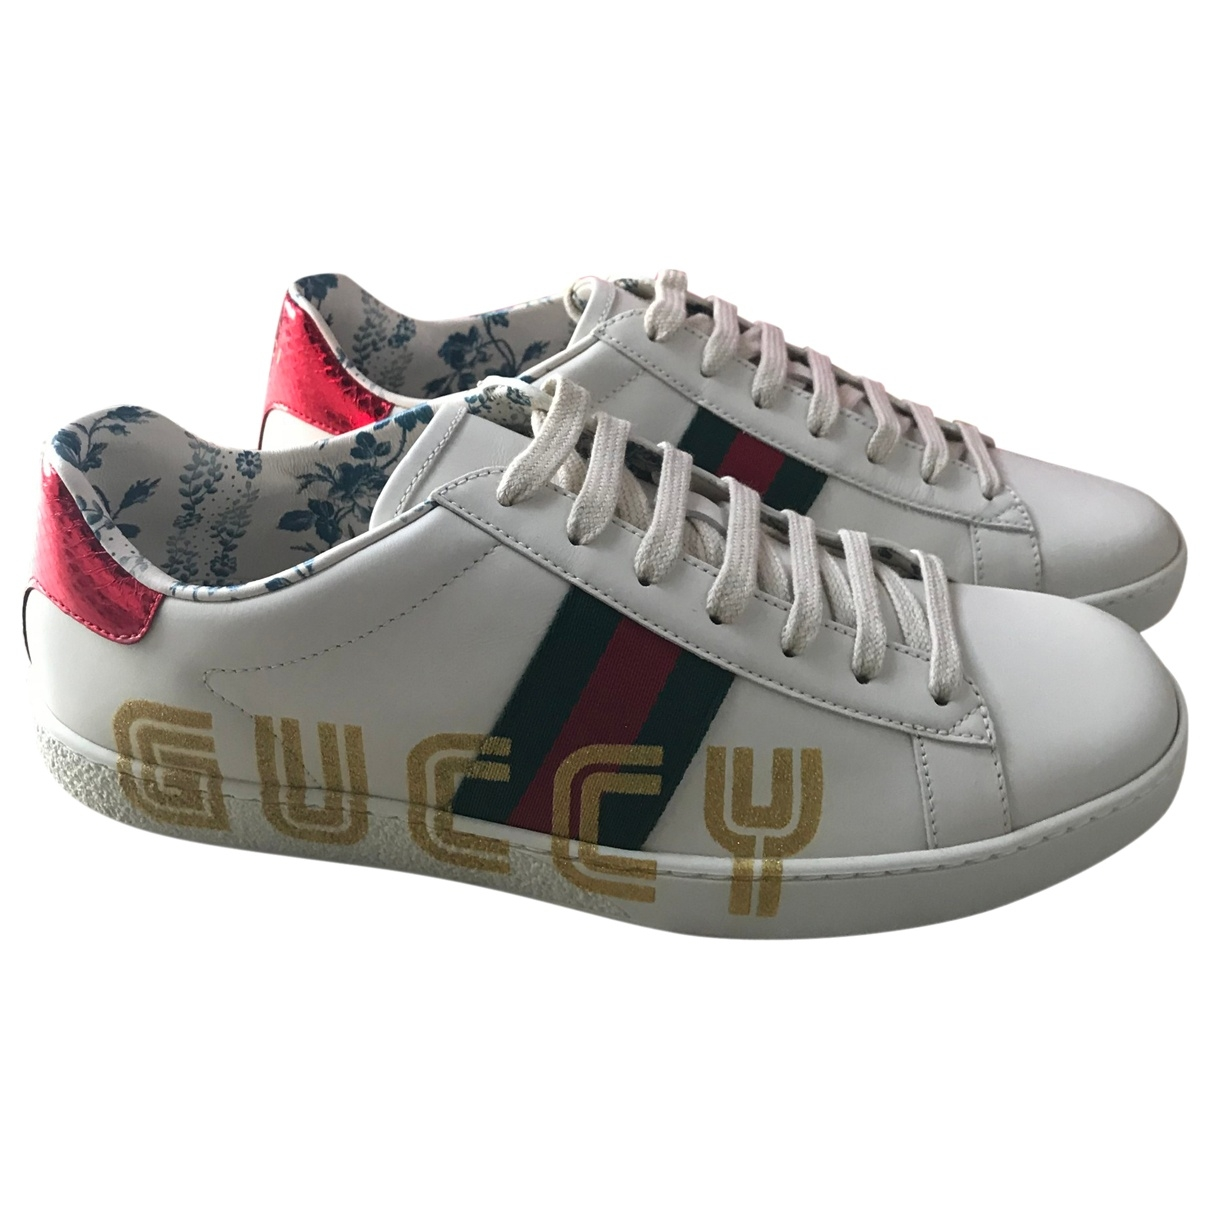 Gucci - Baskets Ace pour femme en cuir - blanc